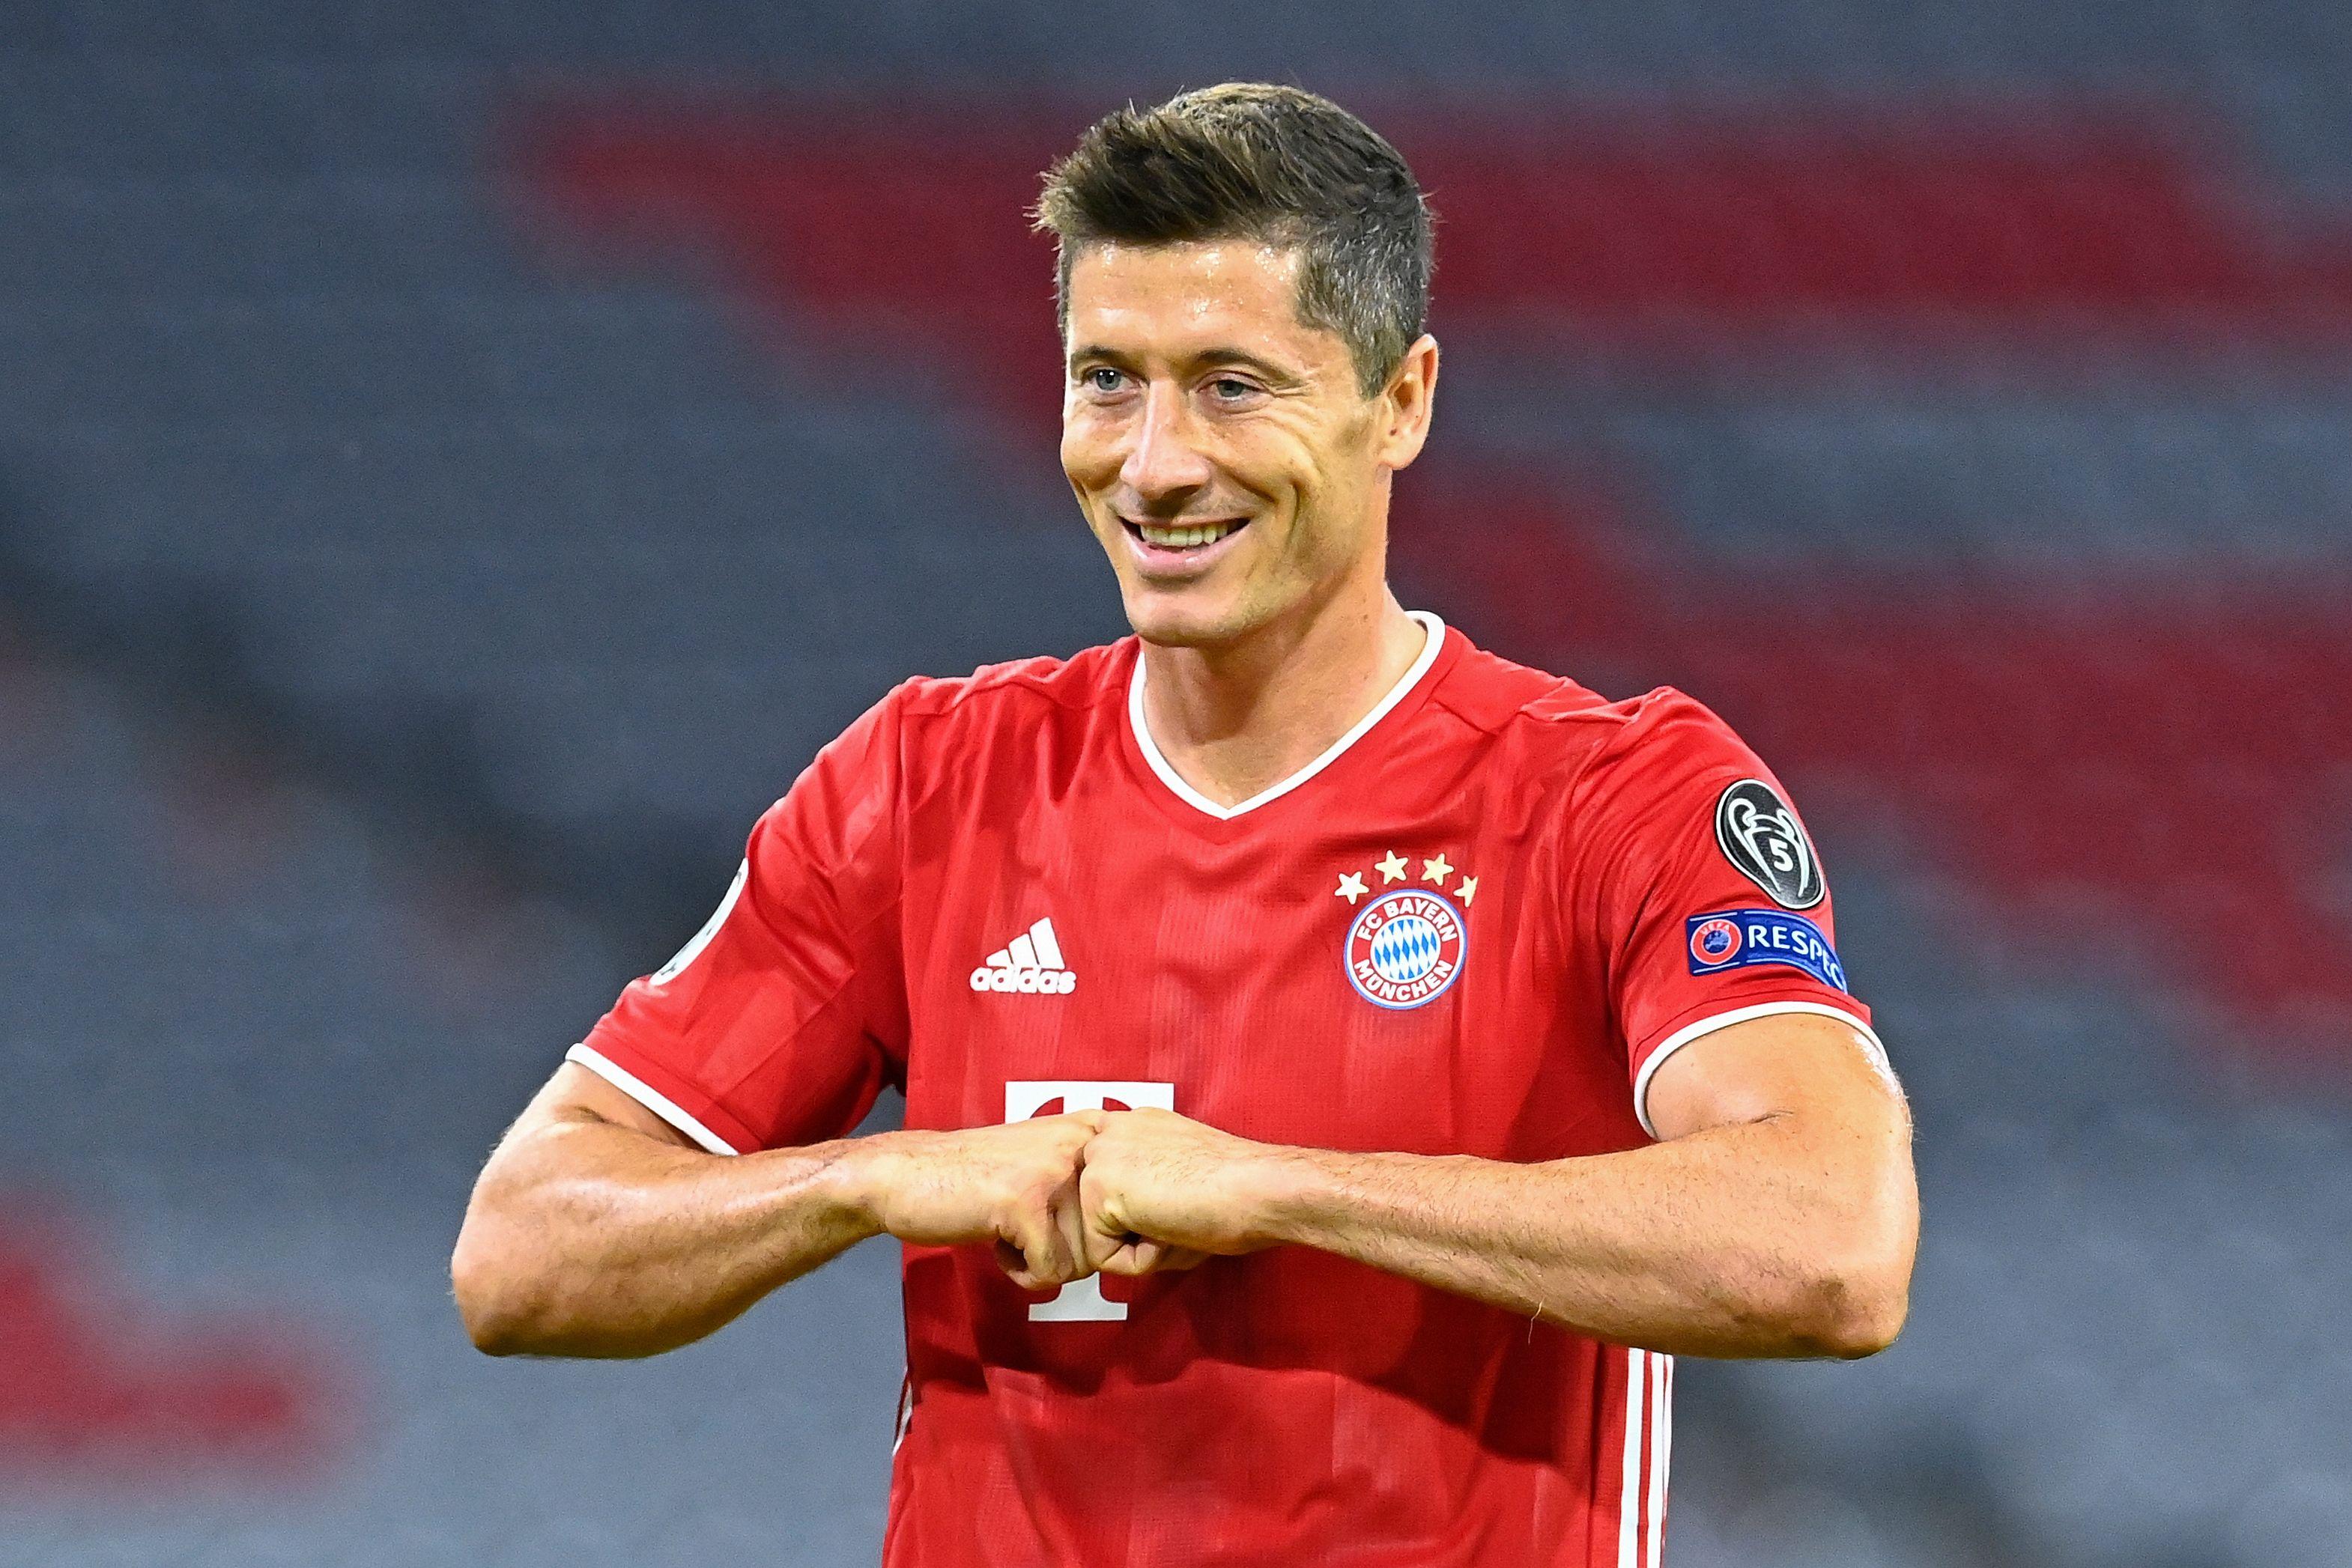 Cuánto cuesta el fichaje de Robert Lewandowski y qué valor de mercado tiene  la estrella del Bayern Munich? | Goal.com